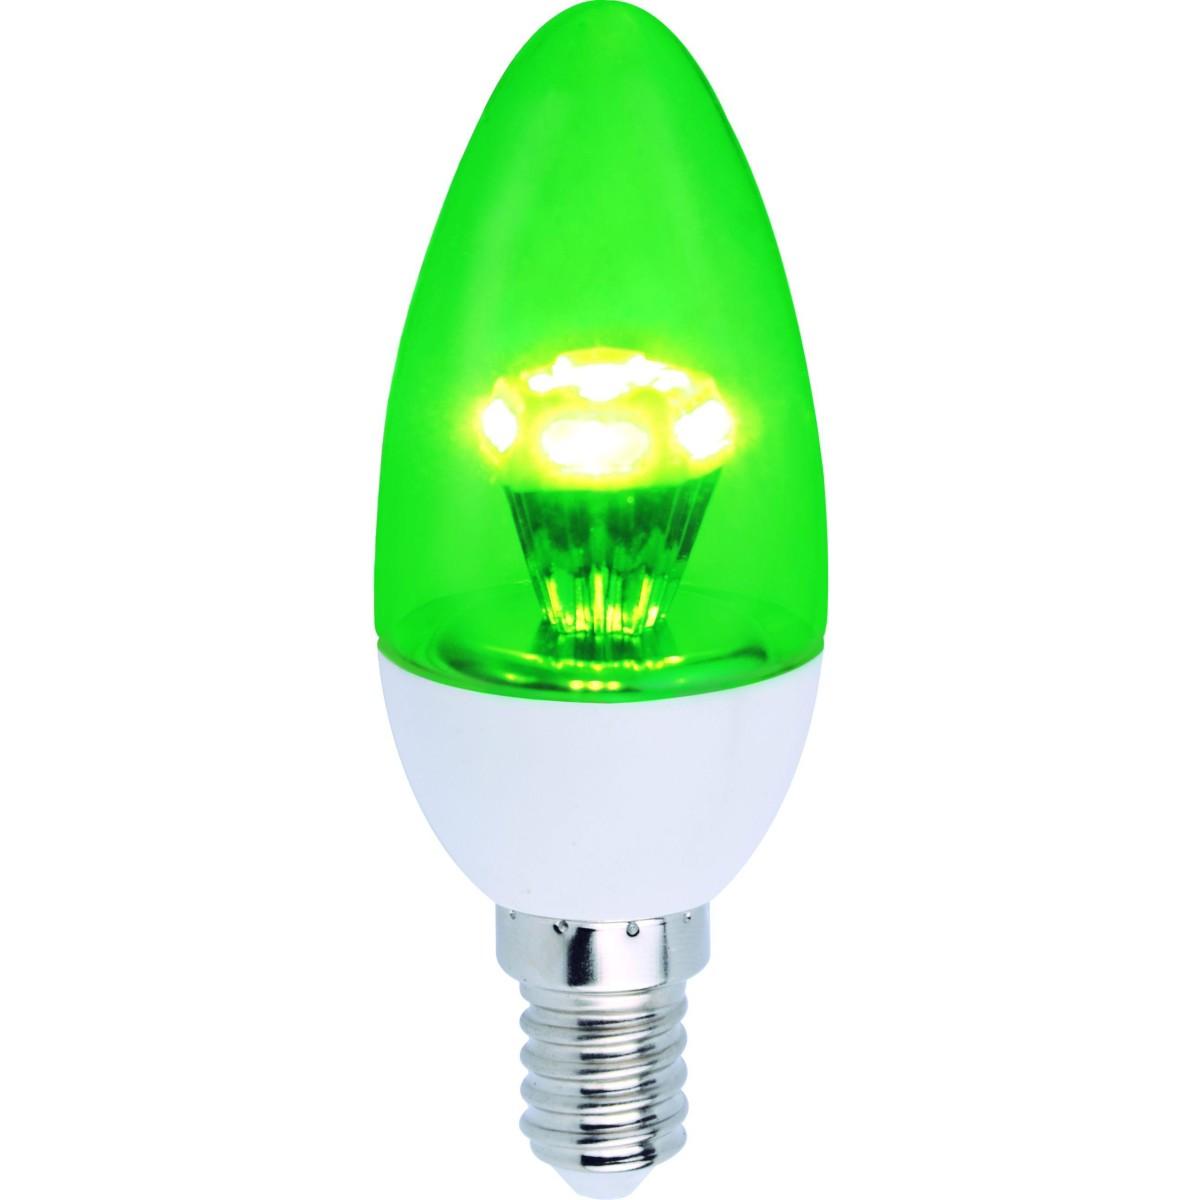 Лампа Ecola стандарт светодионая E14 3 Вт свеча 240 Лм нейтральный свет